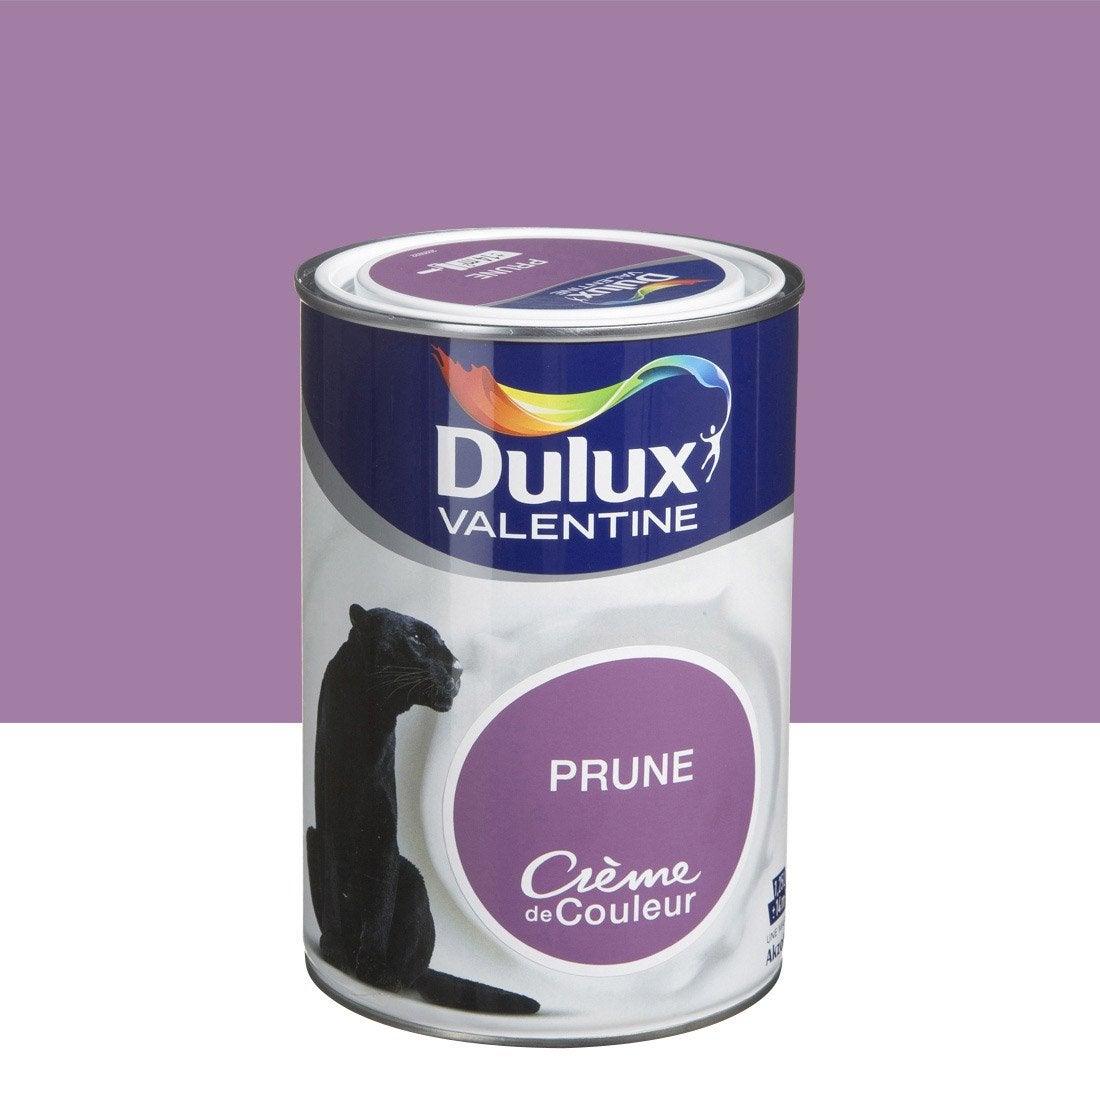 Peinture multisupports cr me de couleur dulux valentine violet prune l - Violet prune couleur ...